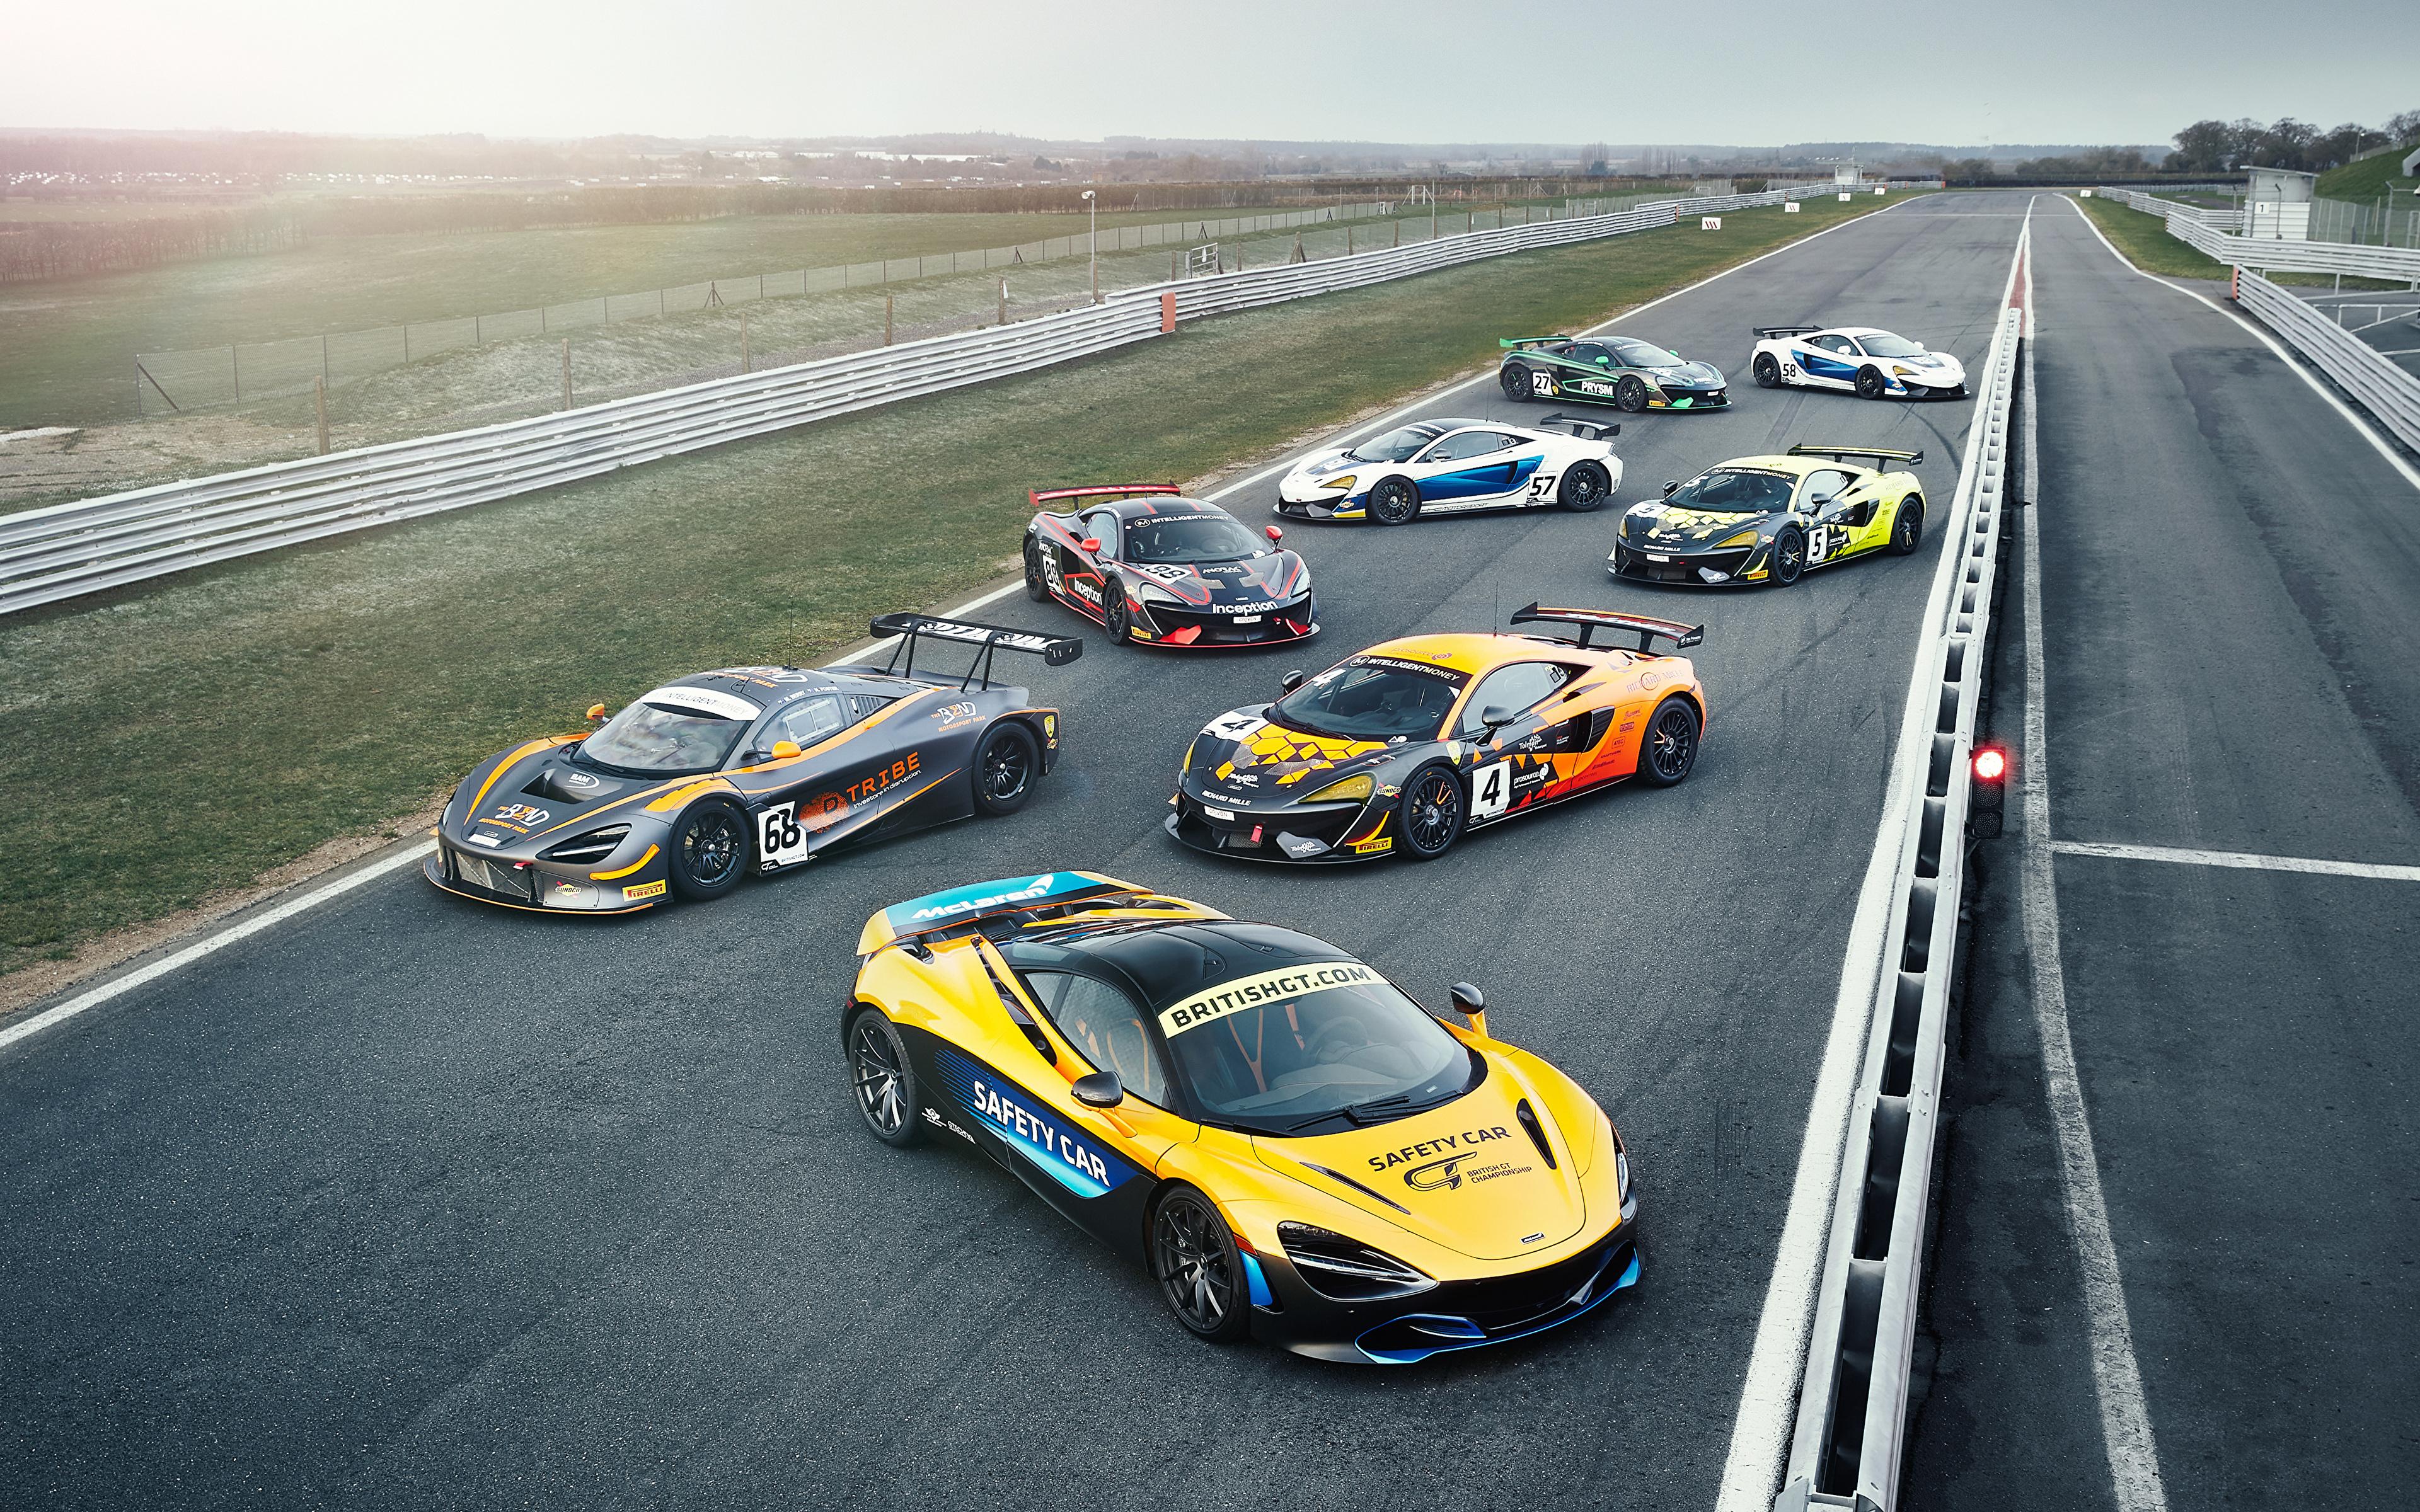 Foto Tuning McLaren automobile Molte 3840x2400 Auto macchine macchina autovettura molti